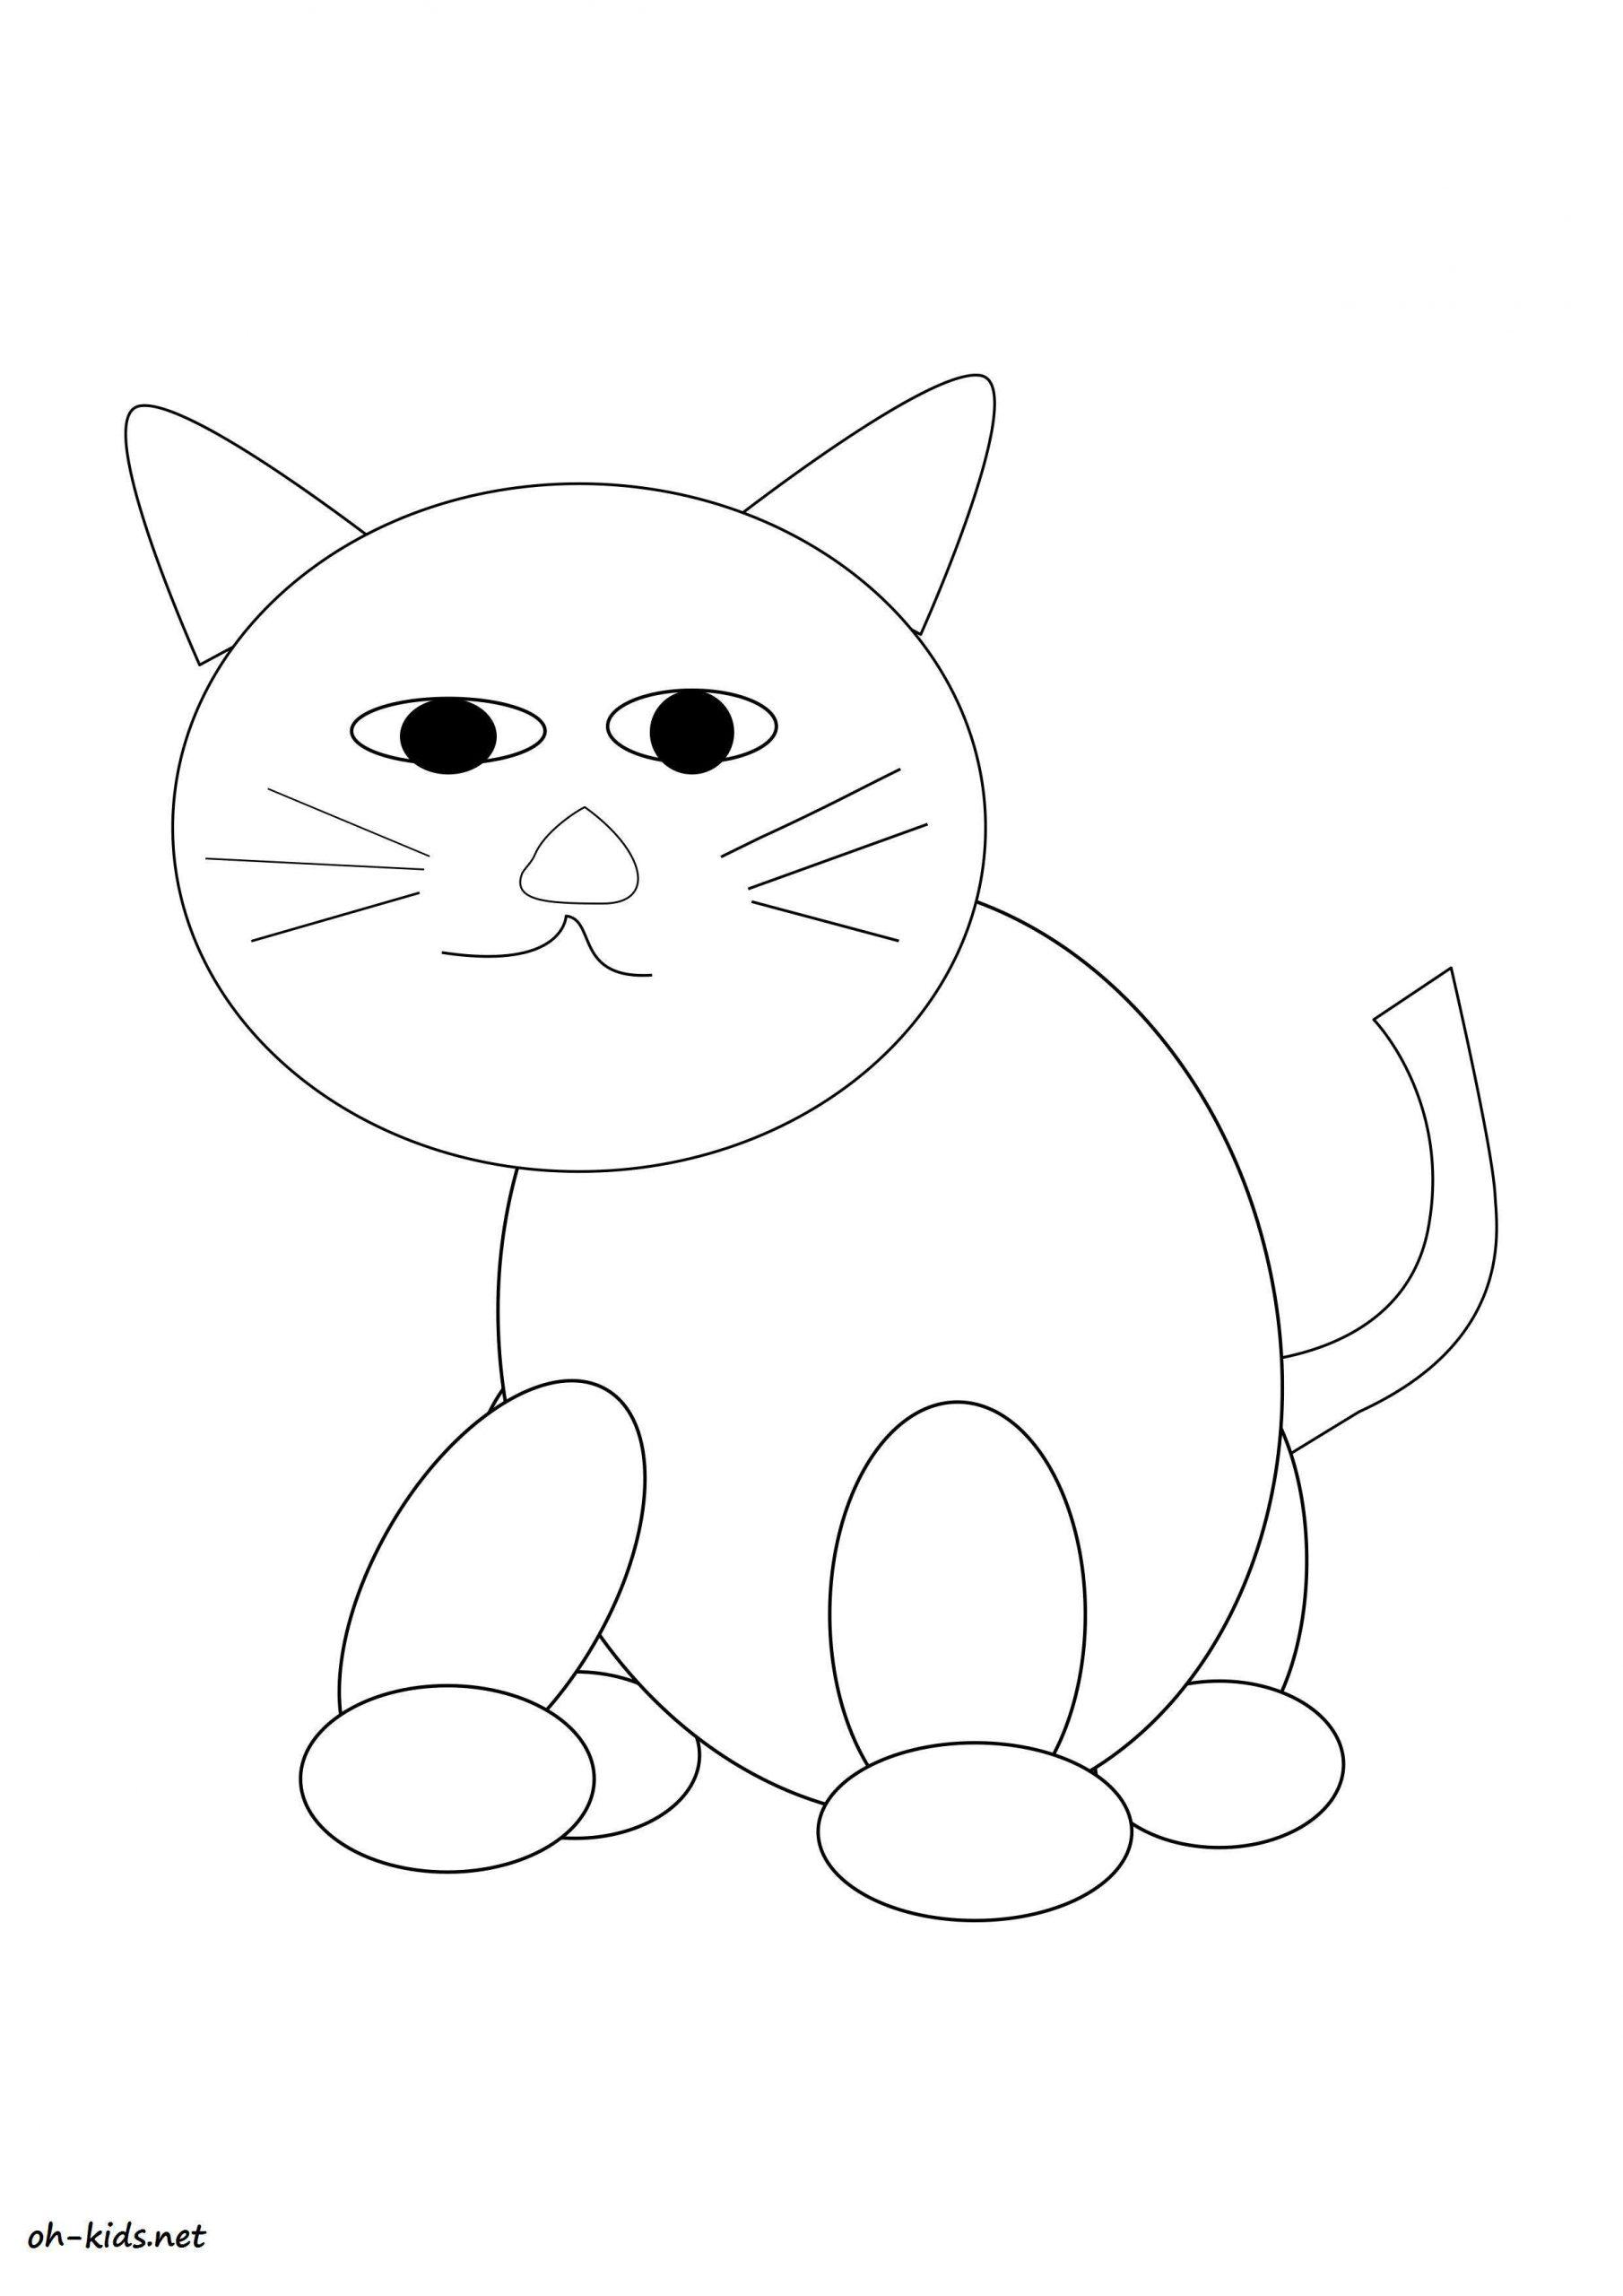 Dessin #702 - Coloriage Minou À Imprimer - Oh-Kids tout Minou Dessin